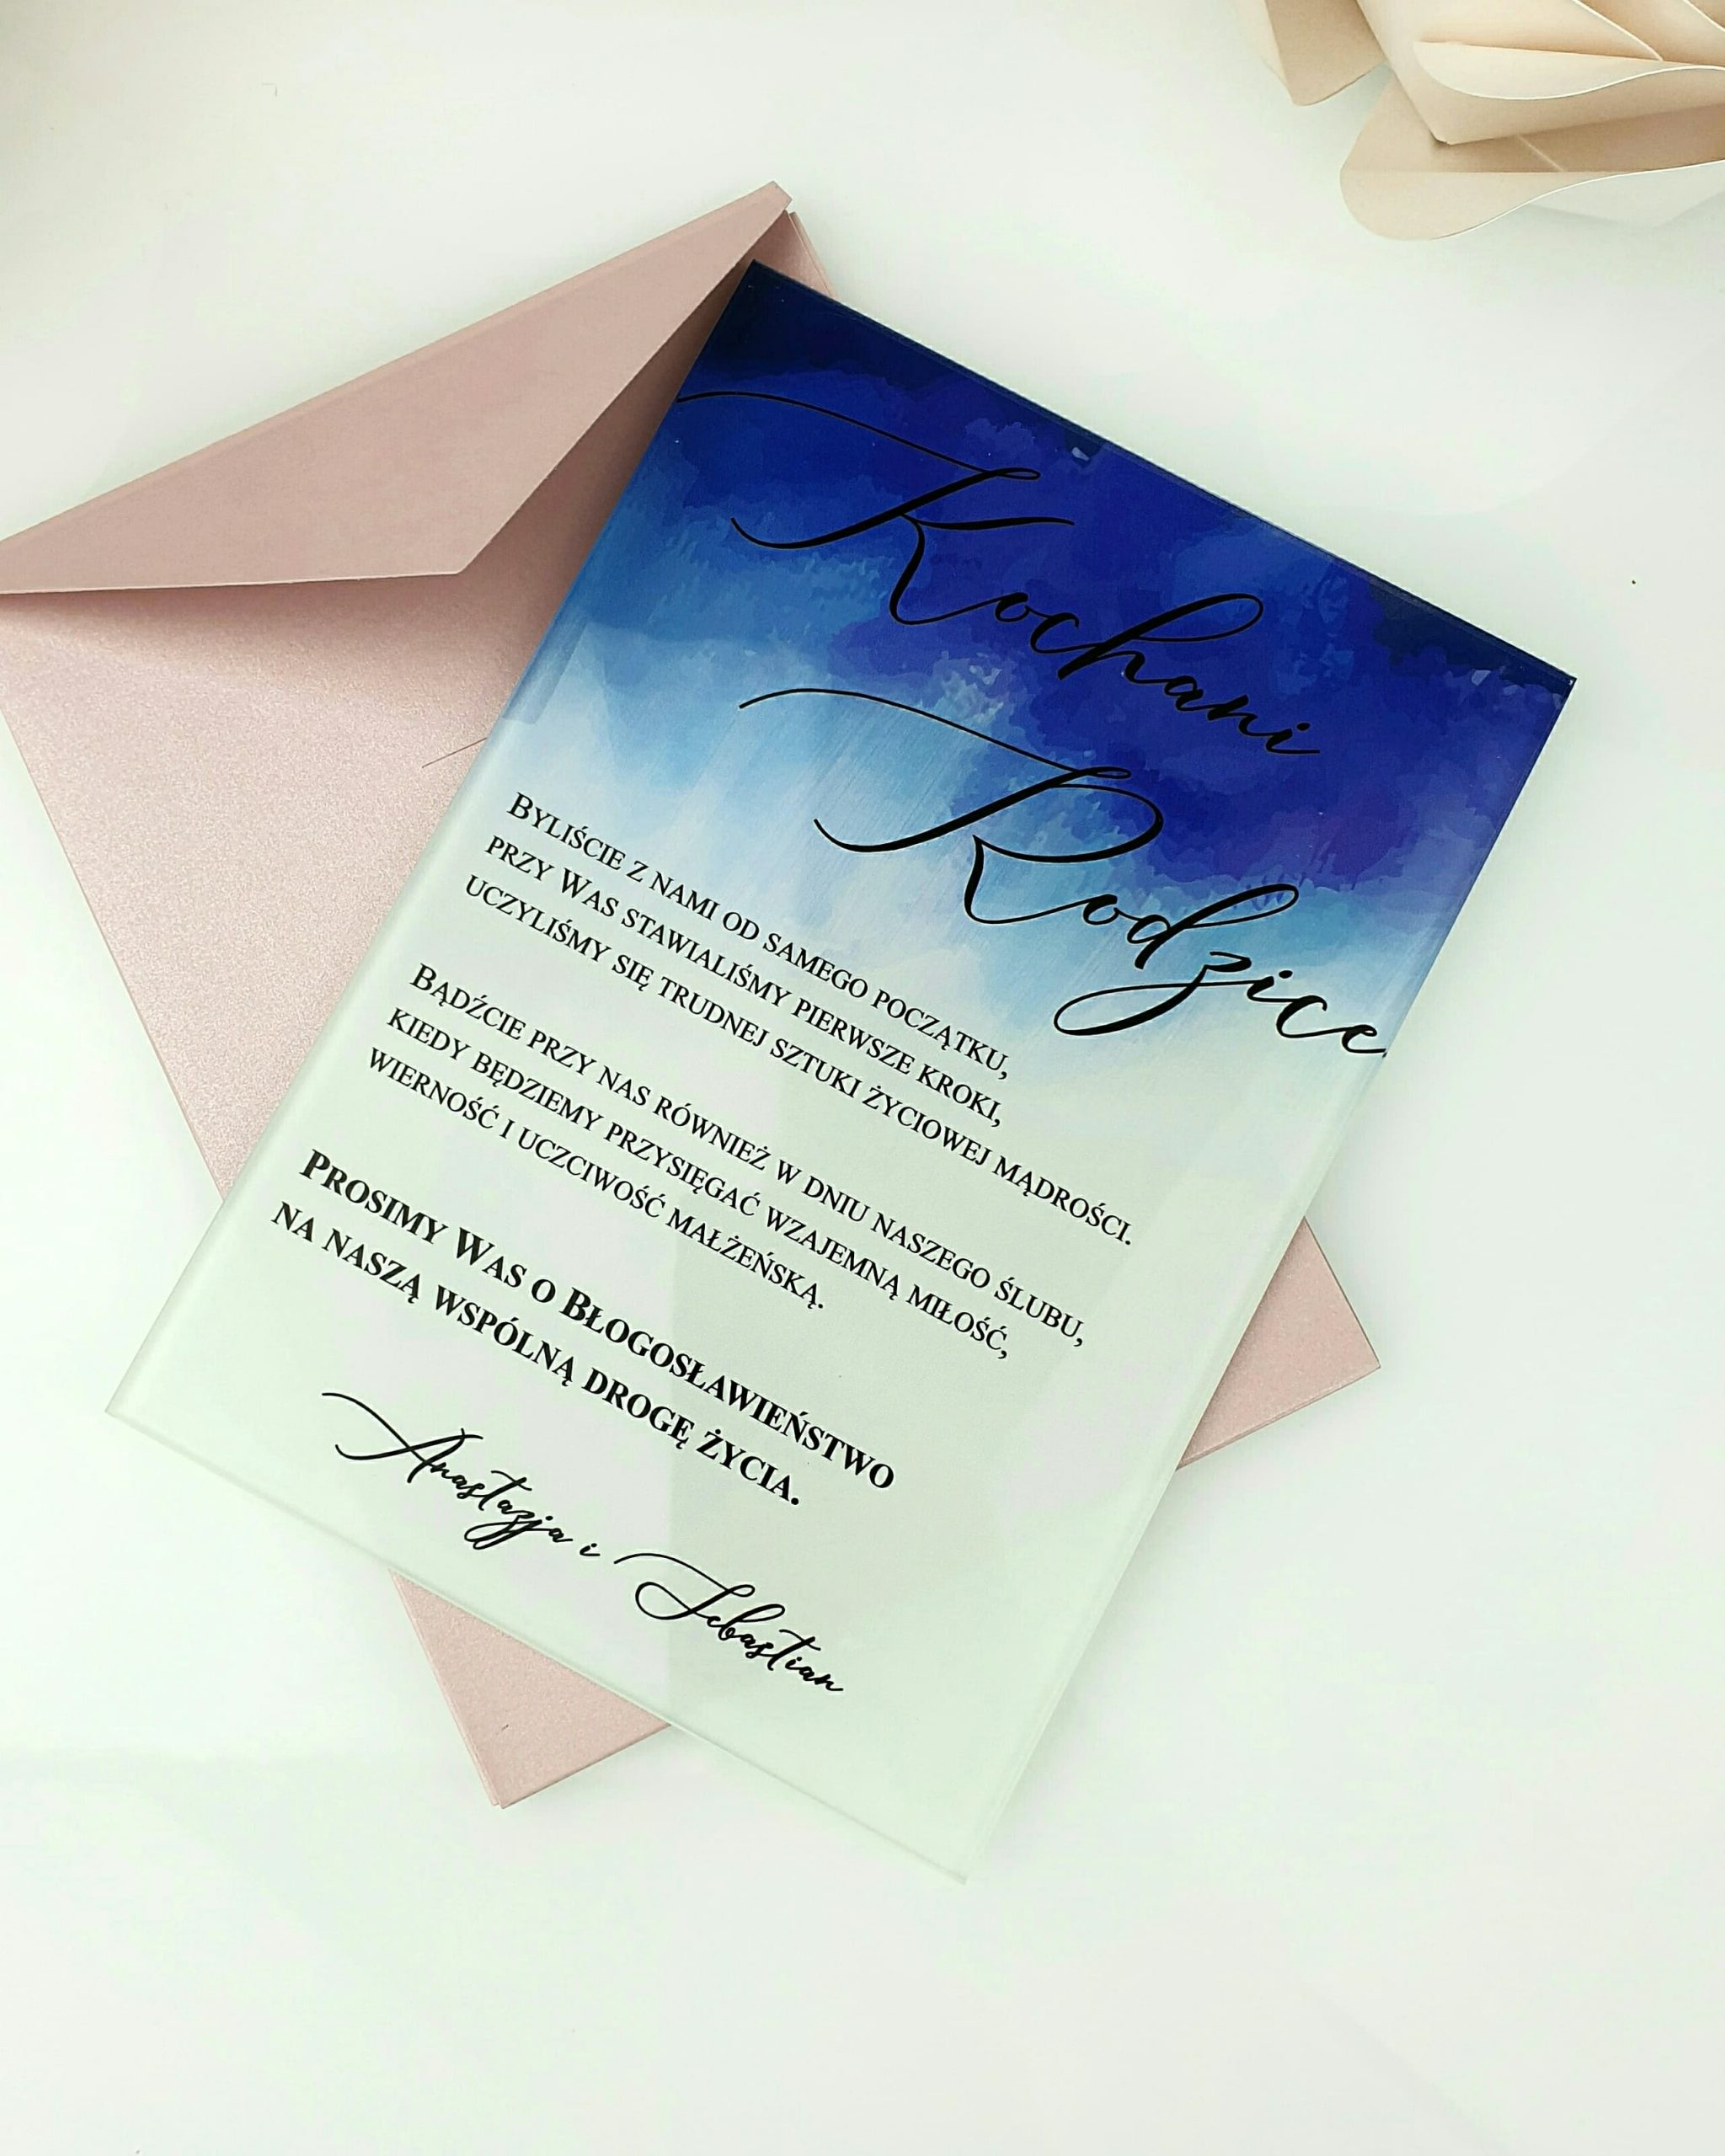 Blue side prośba o błogosławieństwo dla rodziców szklana tafla 2